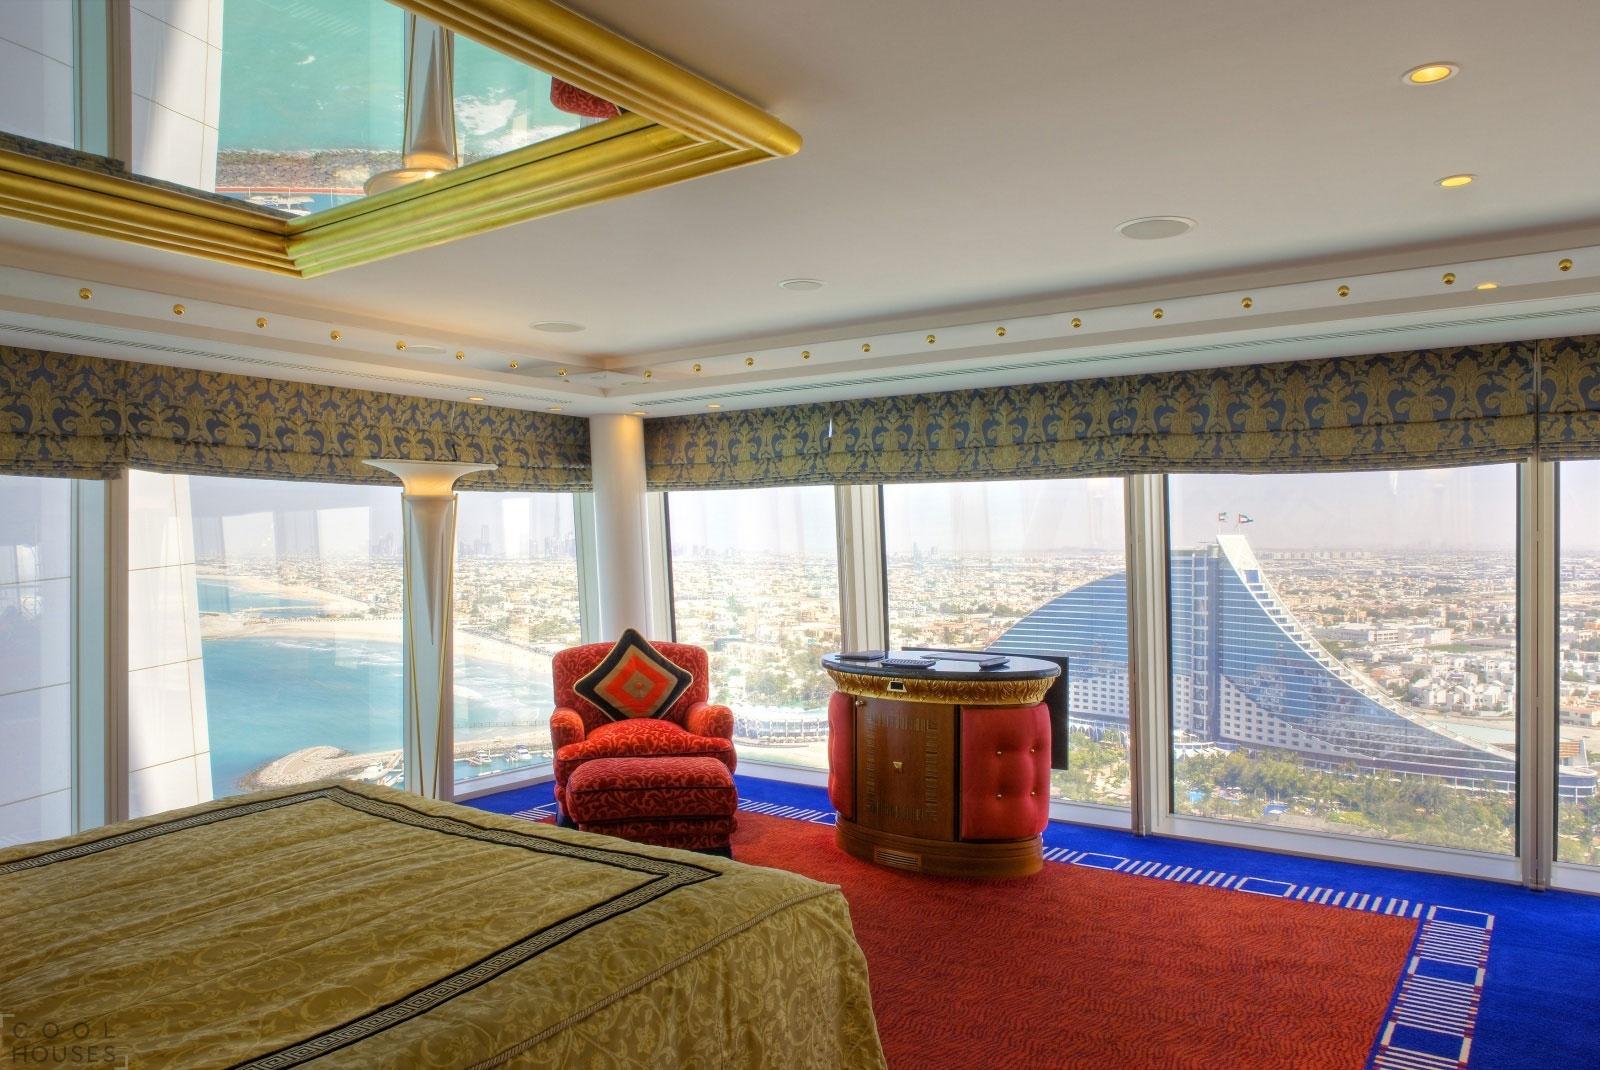 """Самый дорогой отель в мире - Burj Al Arab - """"Парус"""" в Дубае"""